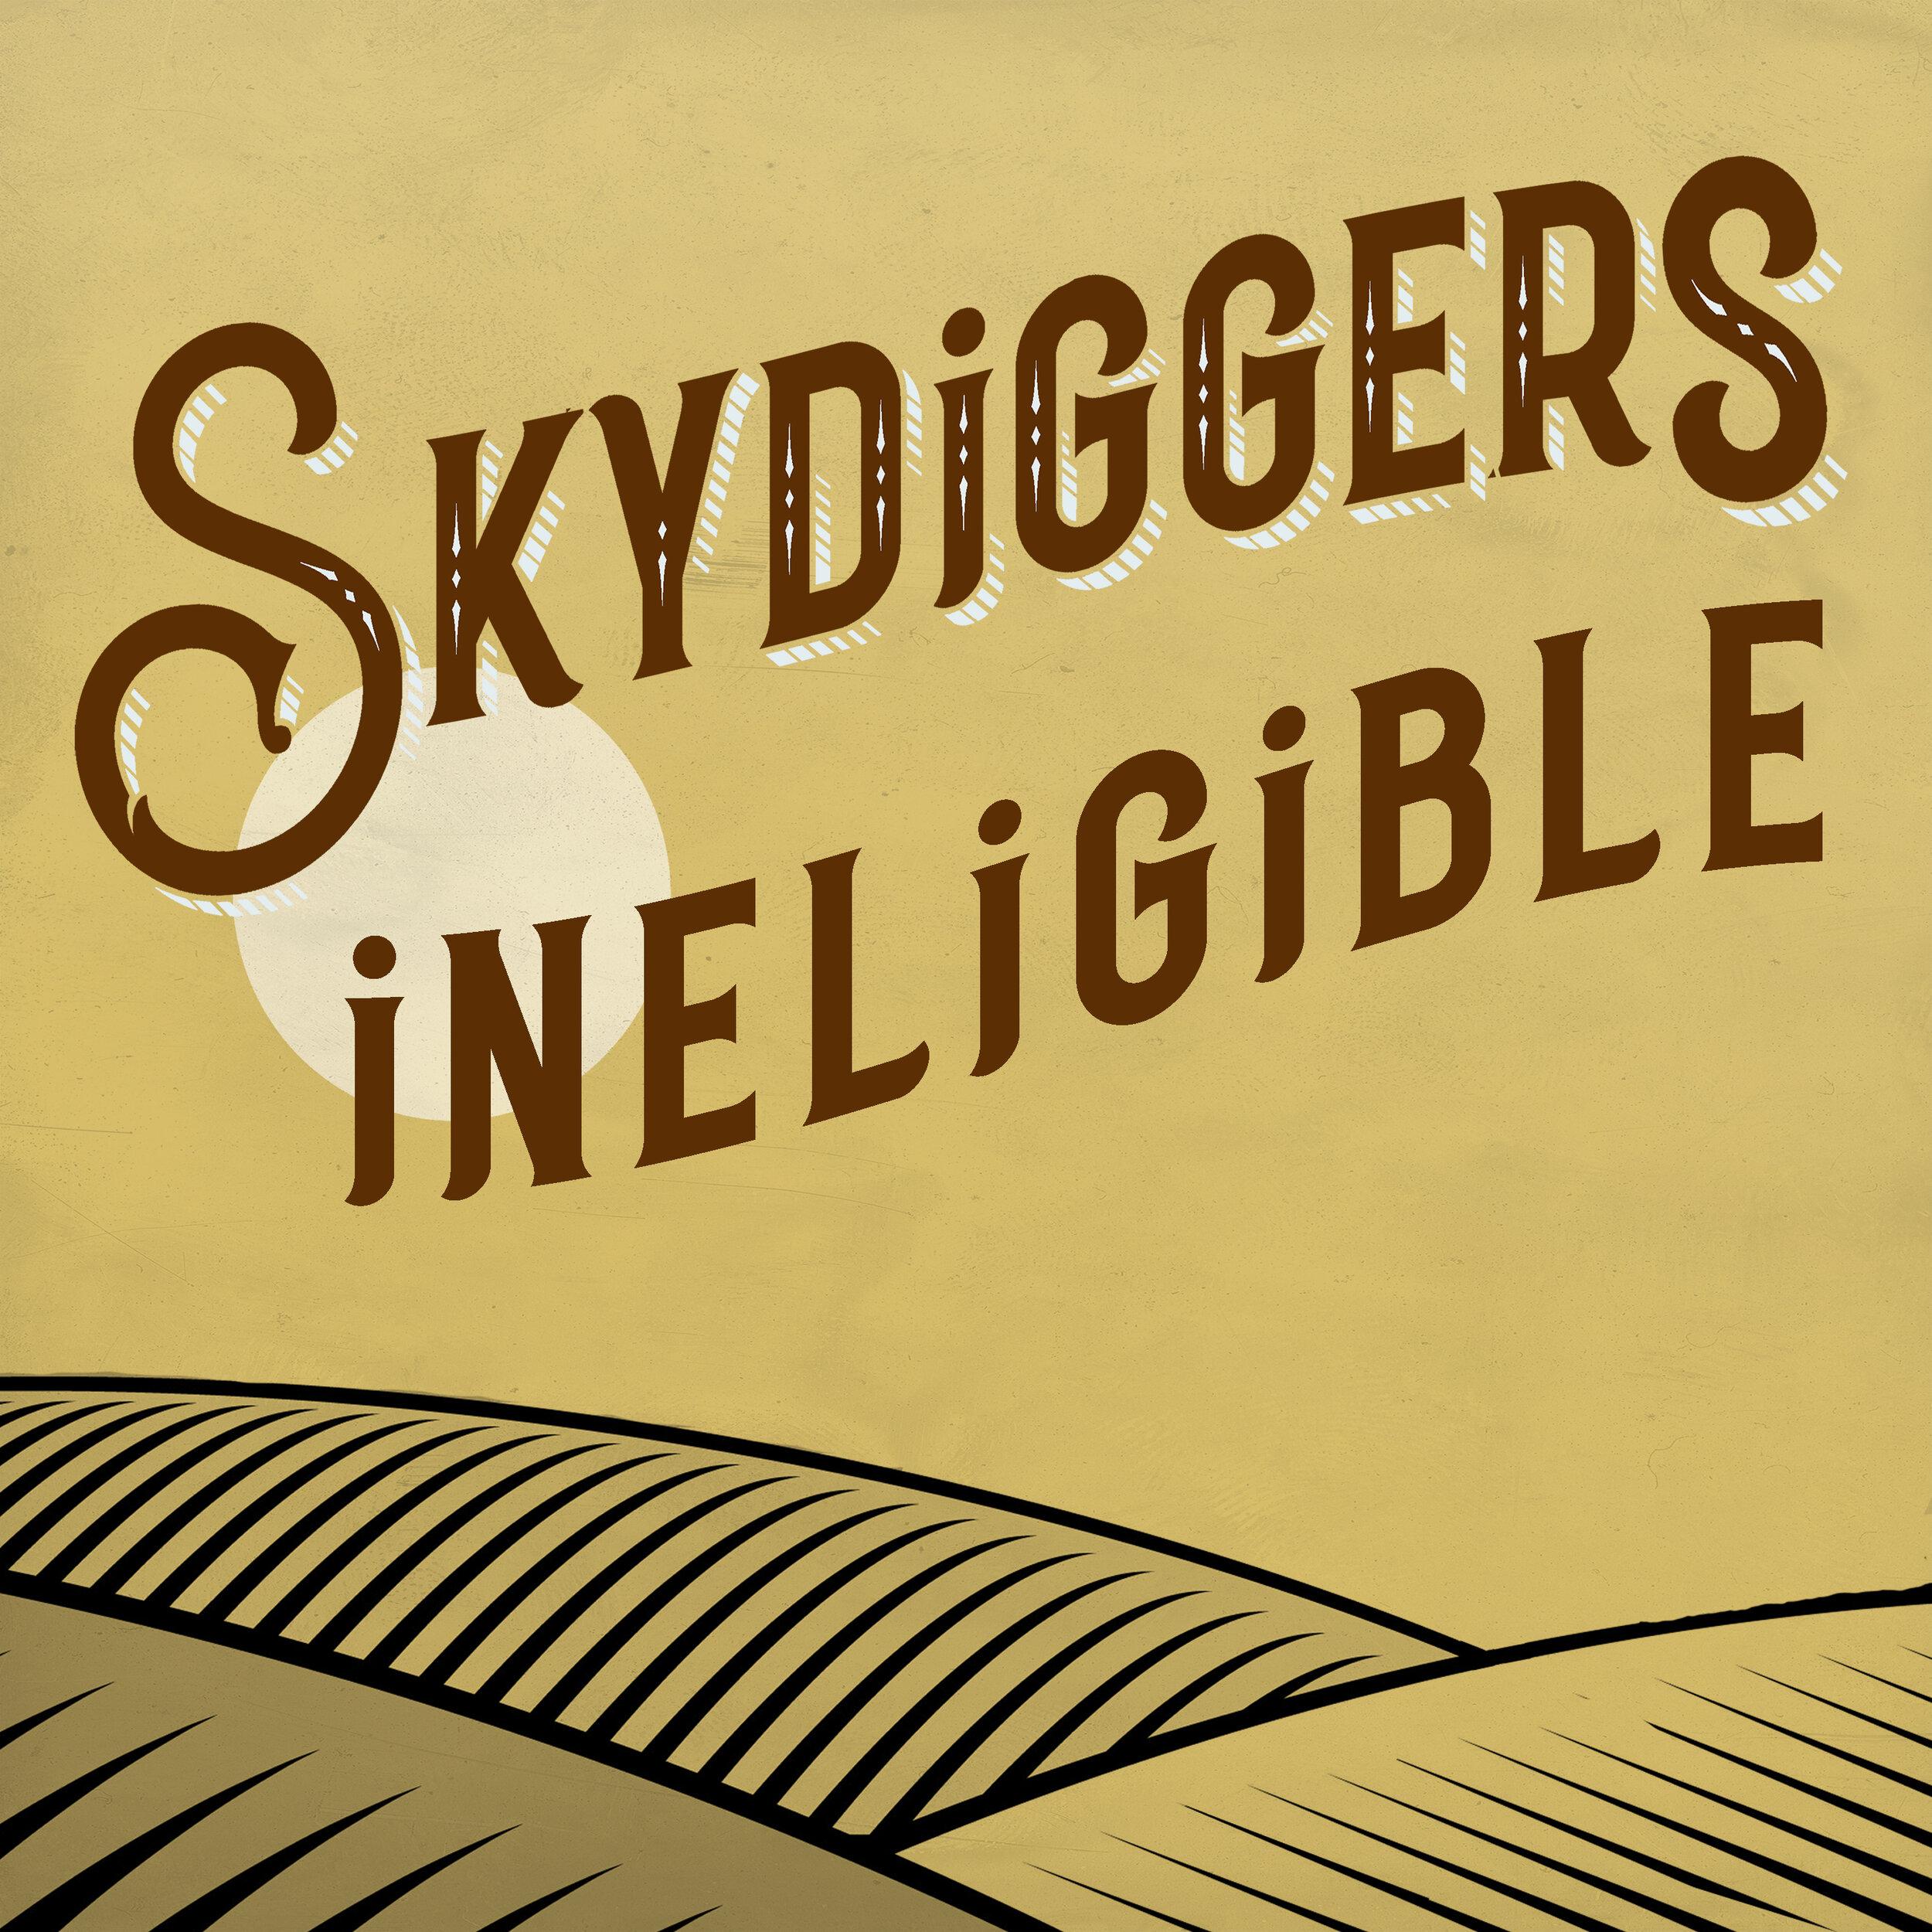 Skydiggers-Ineligible.jpg